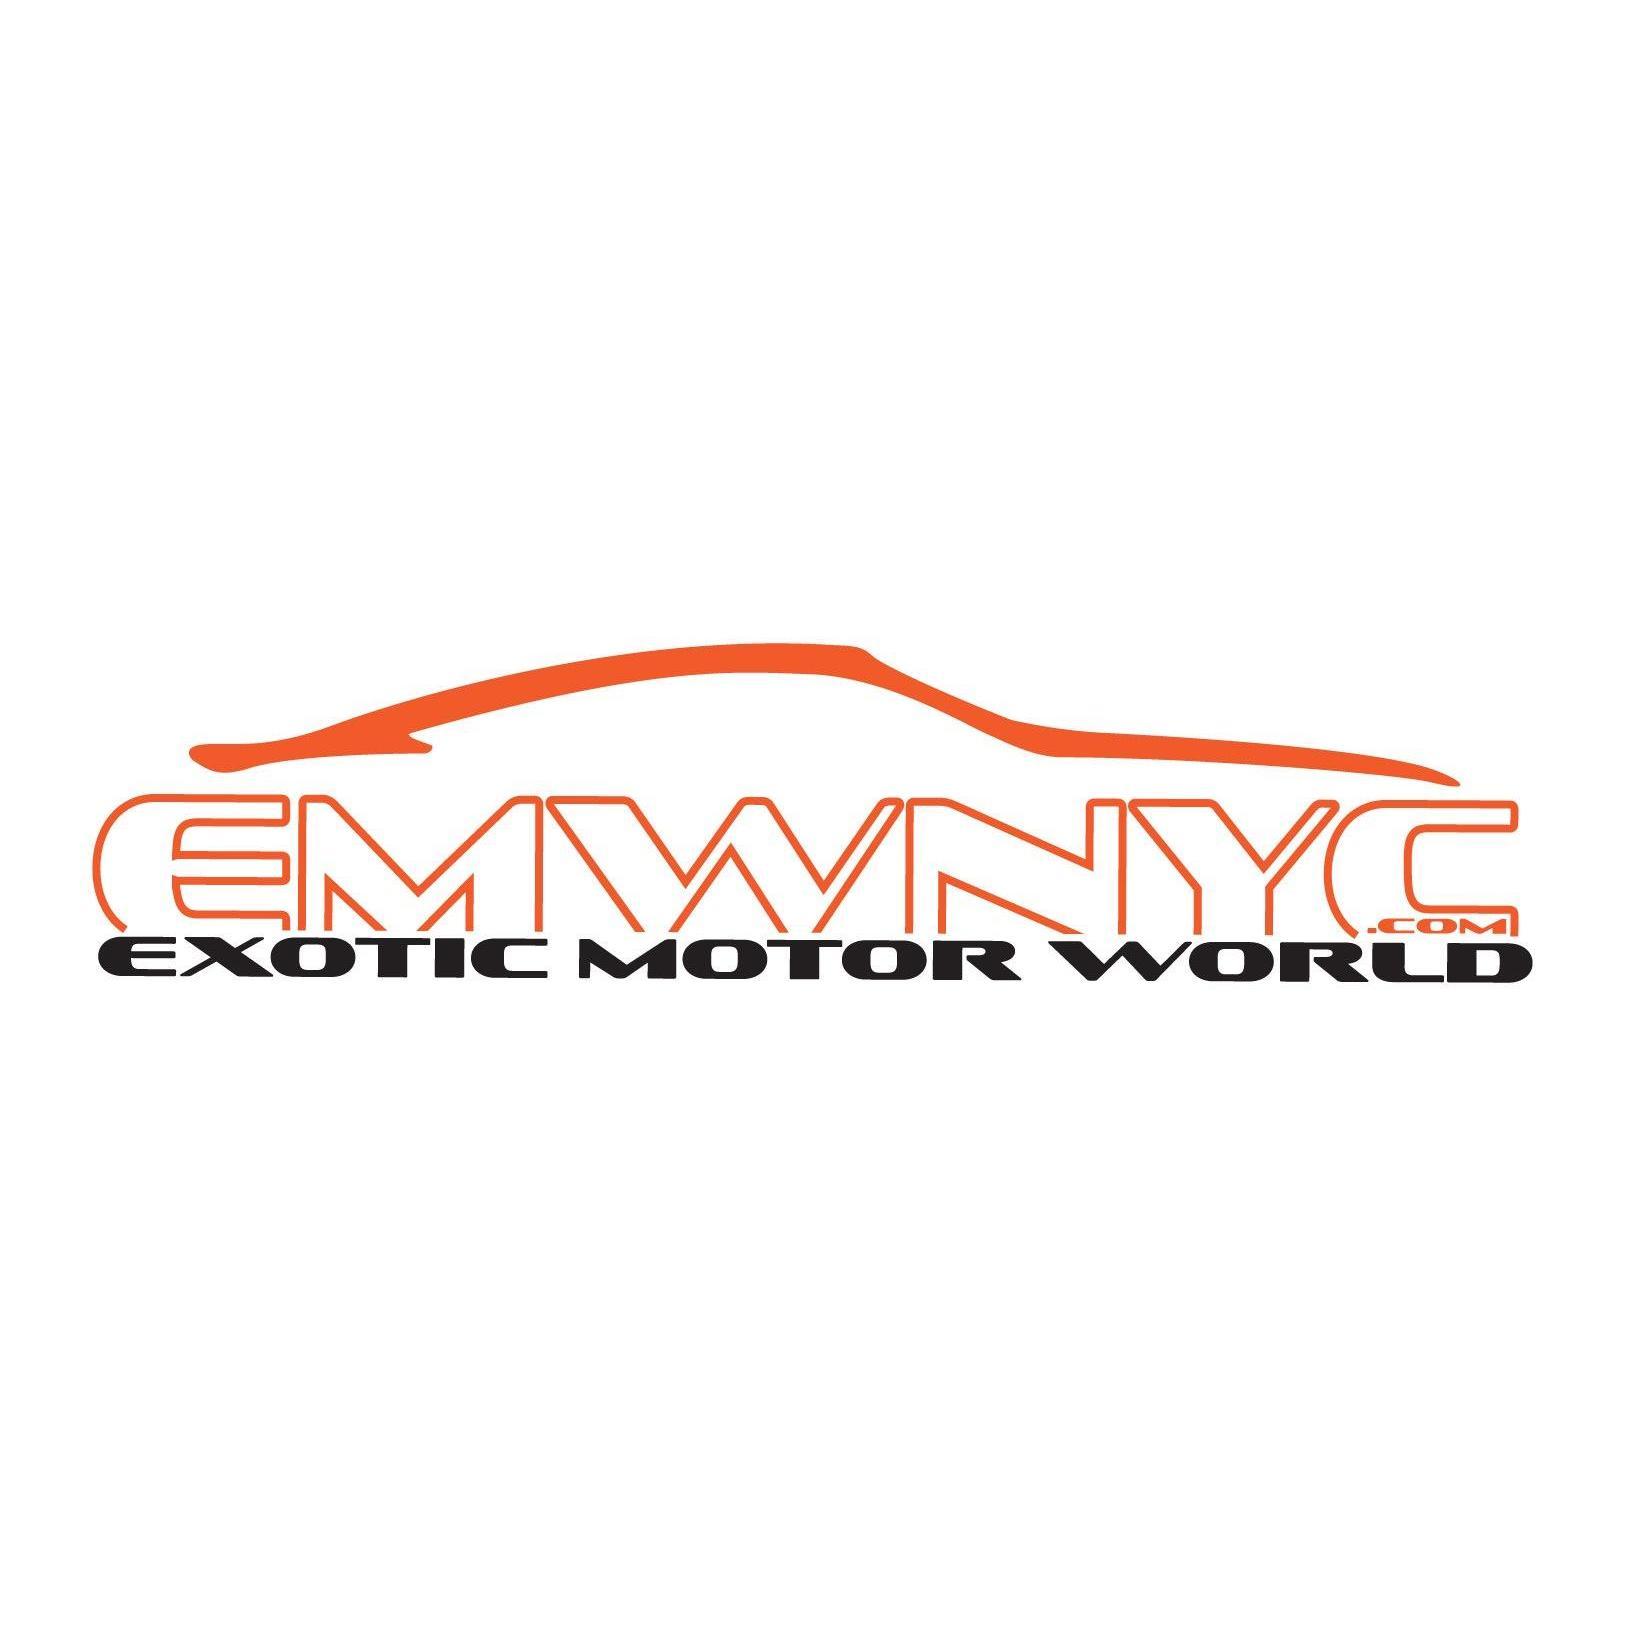 Exotic Motor World